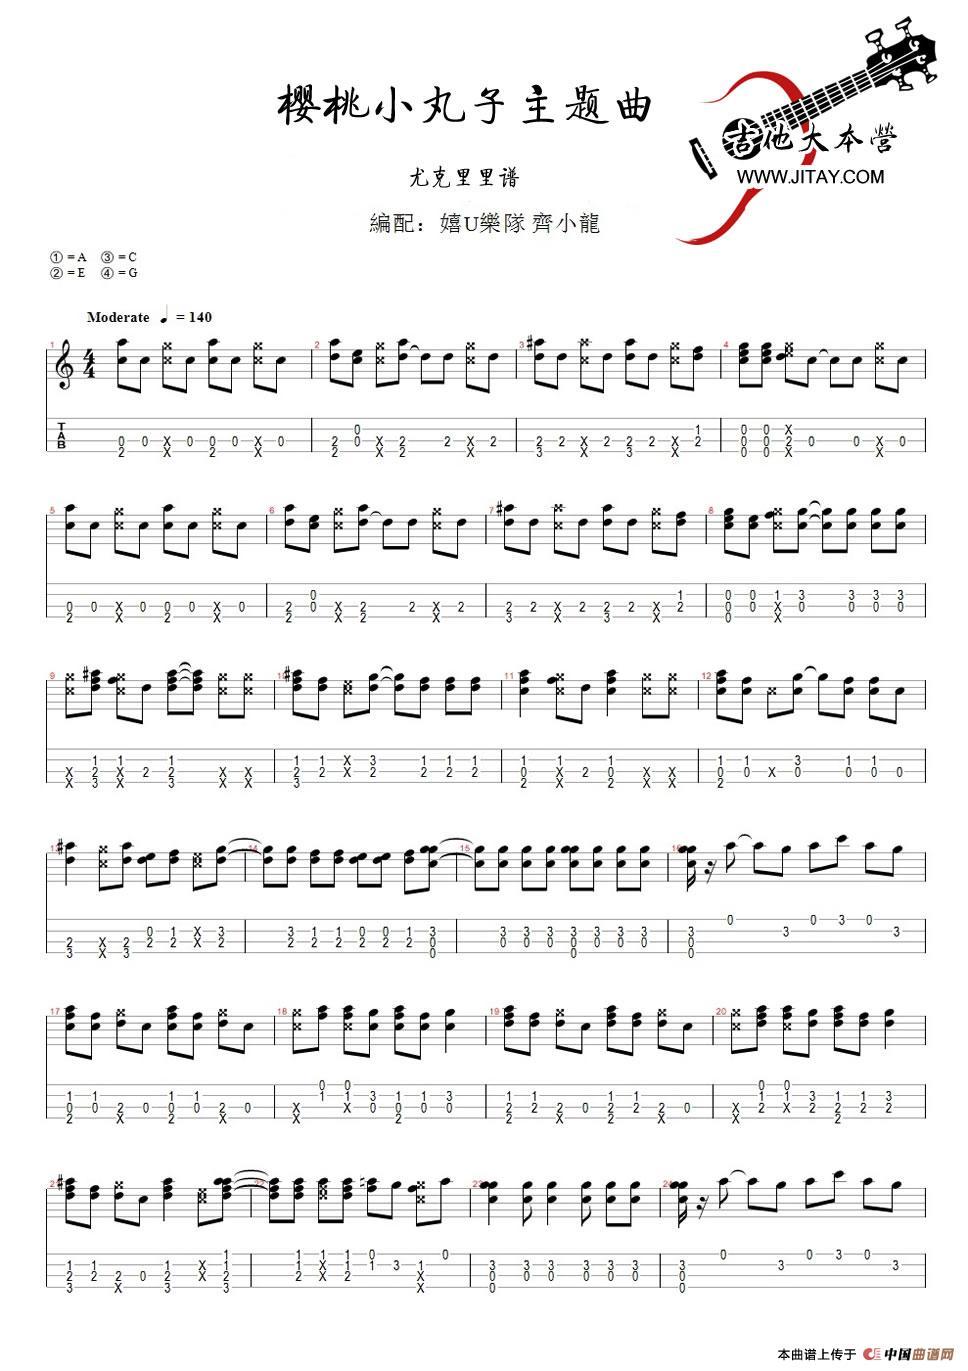 《樱桃小丸子》主题曲_吉他谱